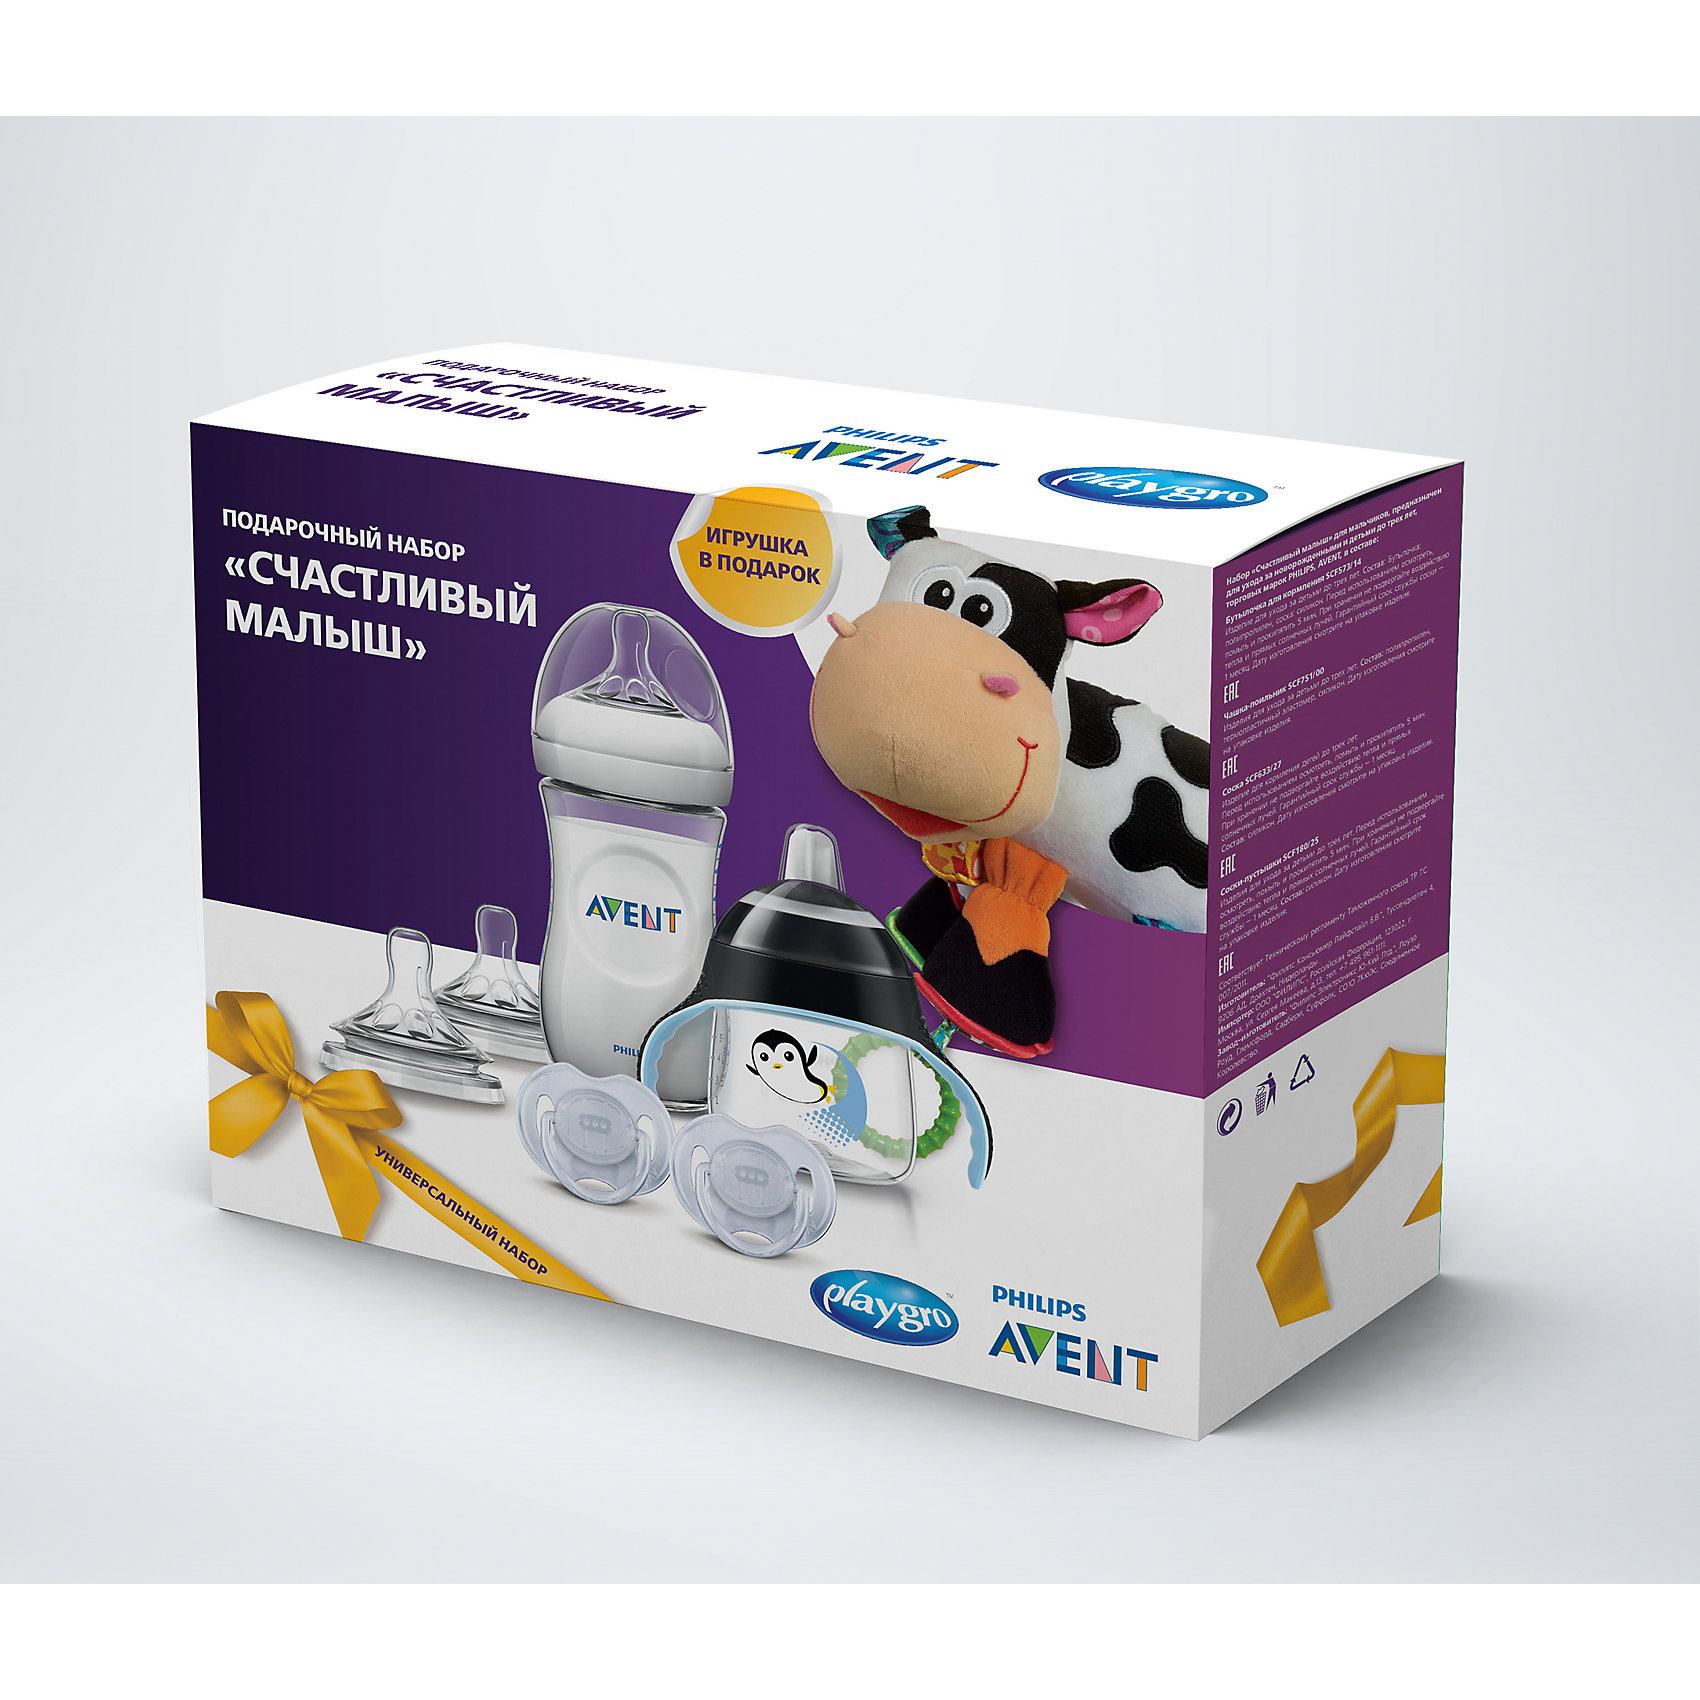 Набор «Счастливый малыш» универсальный,  Philips Avent, бело-черныйИдеи подарков<br>Набор «Счастливый малыш» универсальный, Philips Avent (Филипс Авент), бело-черный<br><br>Характеристики:<br><br>• в комплекте: бутылочка Classic+ (от 1 месяца), 2 силиконовые соски Classic+ (от 3х месяцев), 2 силиконовые пустышки (от 0 до 6 месяцев), поильник Пингвин (от 6 месяцев), подвесная игрушка Корова<br>• объем бутылочки: 260 мл<br>• объем поильника: 200 мл<br>• антиколиковая соска<br>• форма пустышки удобна в любом положении<br>• вентиляционные отверстия по краям соски<br>• поильник оснащен клапаном, предотвращающим проливание жидкости<br>• нескользящие ручки<br>• размер упаковки: 24х9,2х30 см<br>• вес: 610 грамм<br><br>Набор Счастливый малыш позаботится о комфорте ребенка, действительно делая кроху счастливым. В набор входят 2 силиконовые соски, 2 силиконовые пустышки, бутылочка, поильник и игрушка. Бутылочка из серии Classic+ подходит для детей от одного месяца. Она имеет антиколиковую соску, которая предотвращает заглатывание лишнего воздуха и колики. <br><br>Силиконовые соски из серии Classic+ предназначены для детей от 3 месяцев. Соски помогут малышу самостоятельно контролировать поток молока. Специальный клапан предотвращает заглатывание воздуха, срыгивание и колики.<br><br>Пустышки подойдут для детей с 0 до 6 месяцев. Специальное строение пустышки поможет ребенку чувствовать себя комфортно даже при перевороте соски во рту. Боковые вентиляционные отверстия снижают риск возникновения раздражения на чувствительной коже.<br><br>С помощью поильника вы сможете легко приучить ребенка к использованию чашки. Клапан поильника предотвращает протекание жидкости. А нескользящие ручки помогут малышу быстро приспособиться к новой посуде.<br><br>Забавная Корова станет лучшим другом малыша в первые месяцы жизни. Она издает очень приятные звуки, а также способствует развитию мелкой моторики, зрительных и тактильных ощущений. А когда малыш подрастет, он сможет использовать части игрушки 